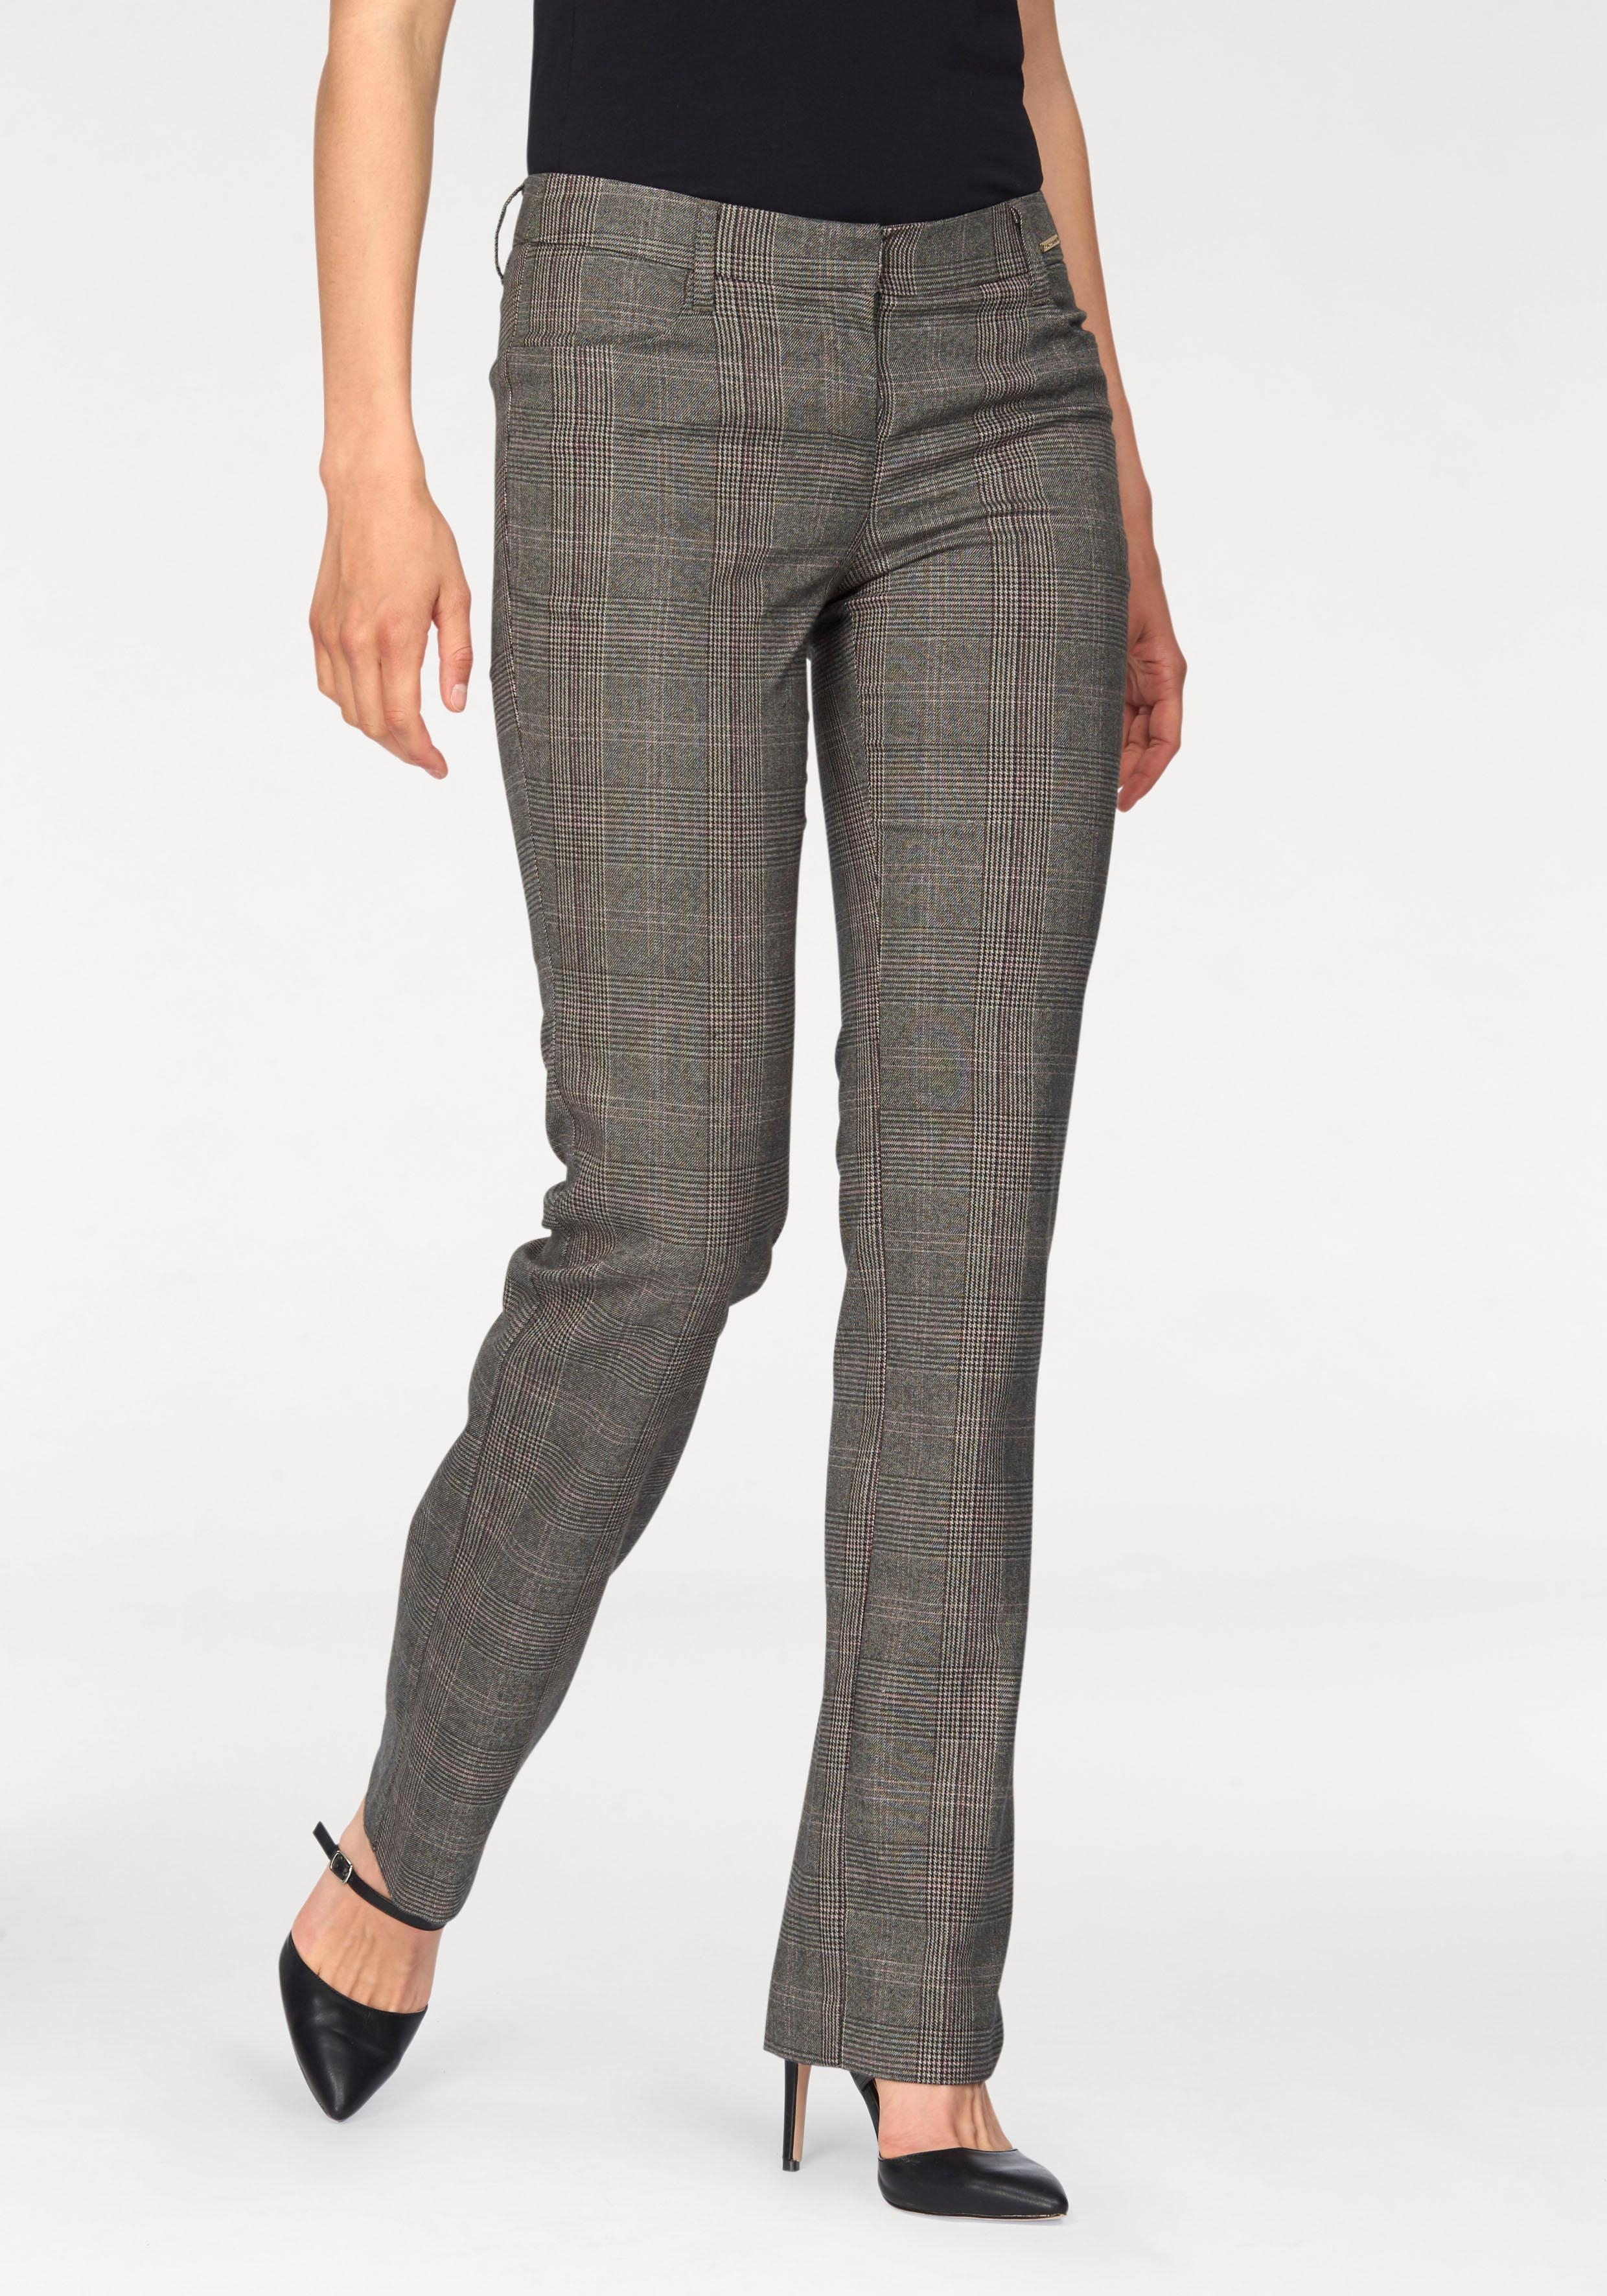 pantalon broek dames